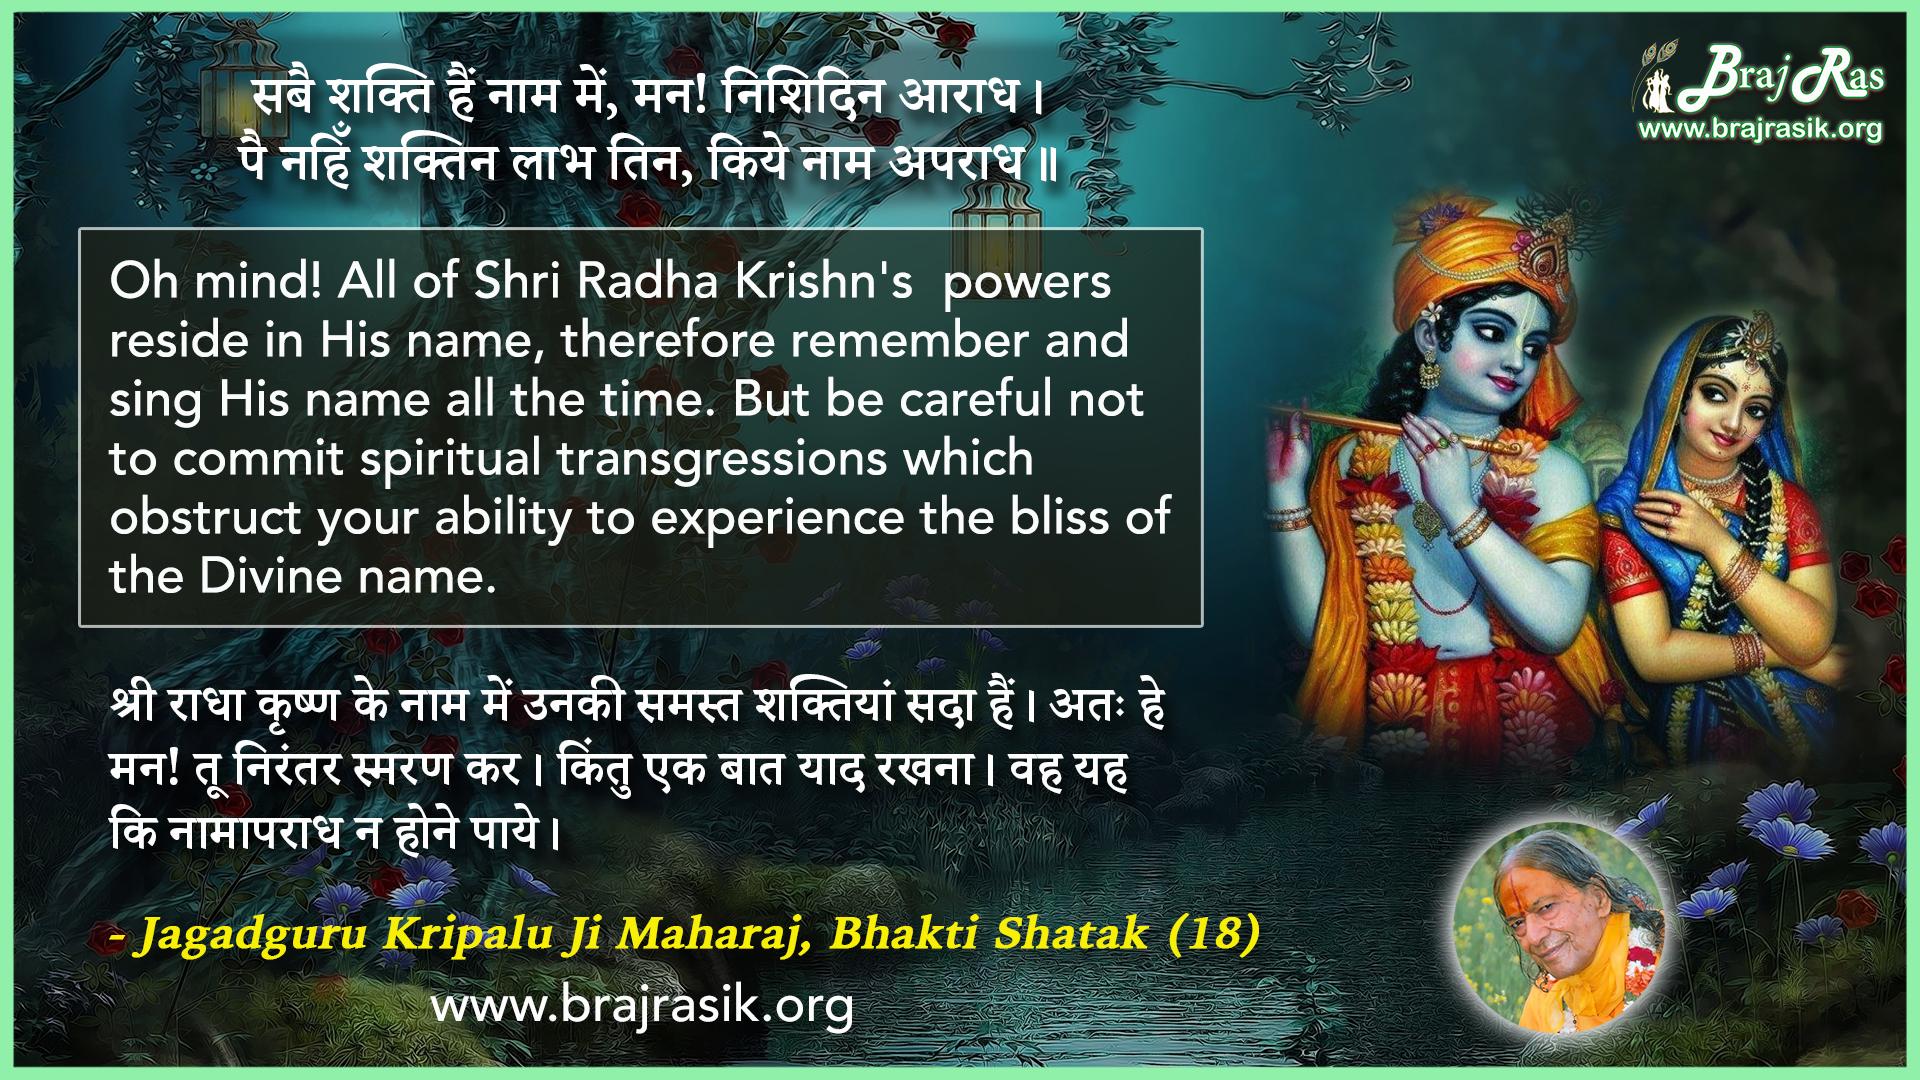 Sabai Shakti Hain Naam Mein - Jagadguru Kripalu Ji Maharaj, Bhakti Shatak (18)